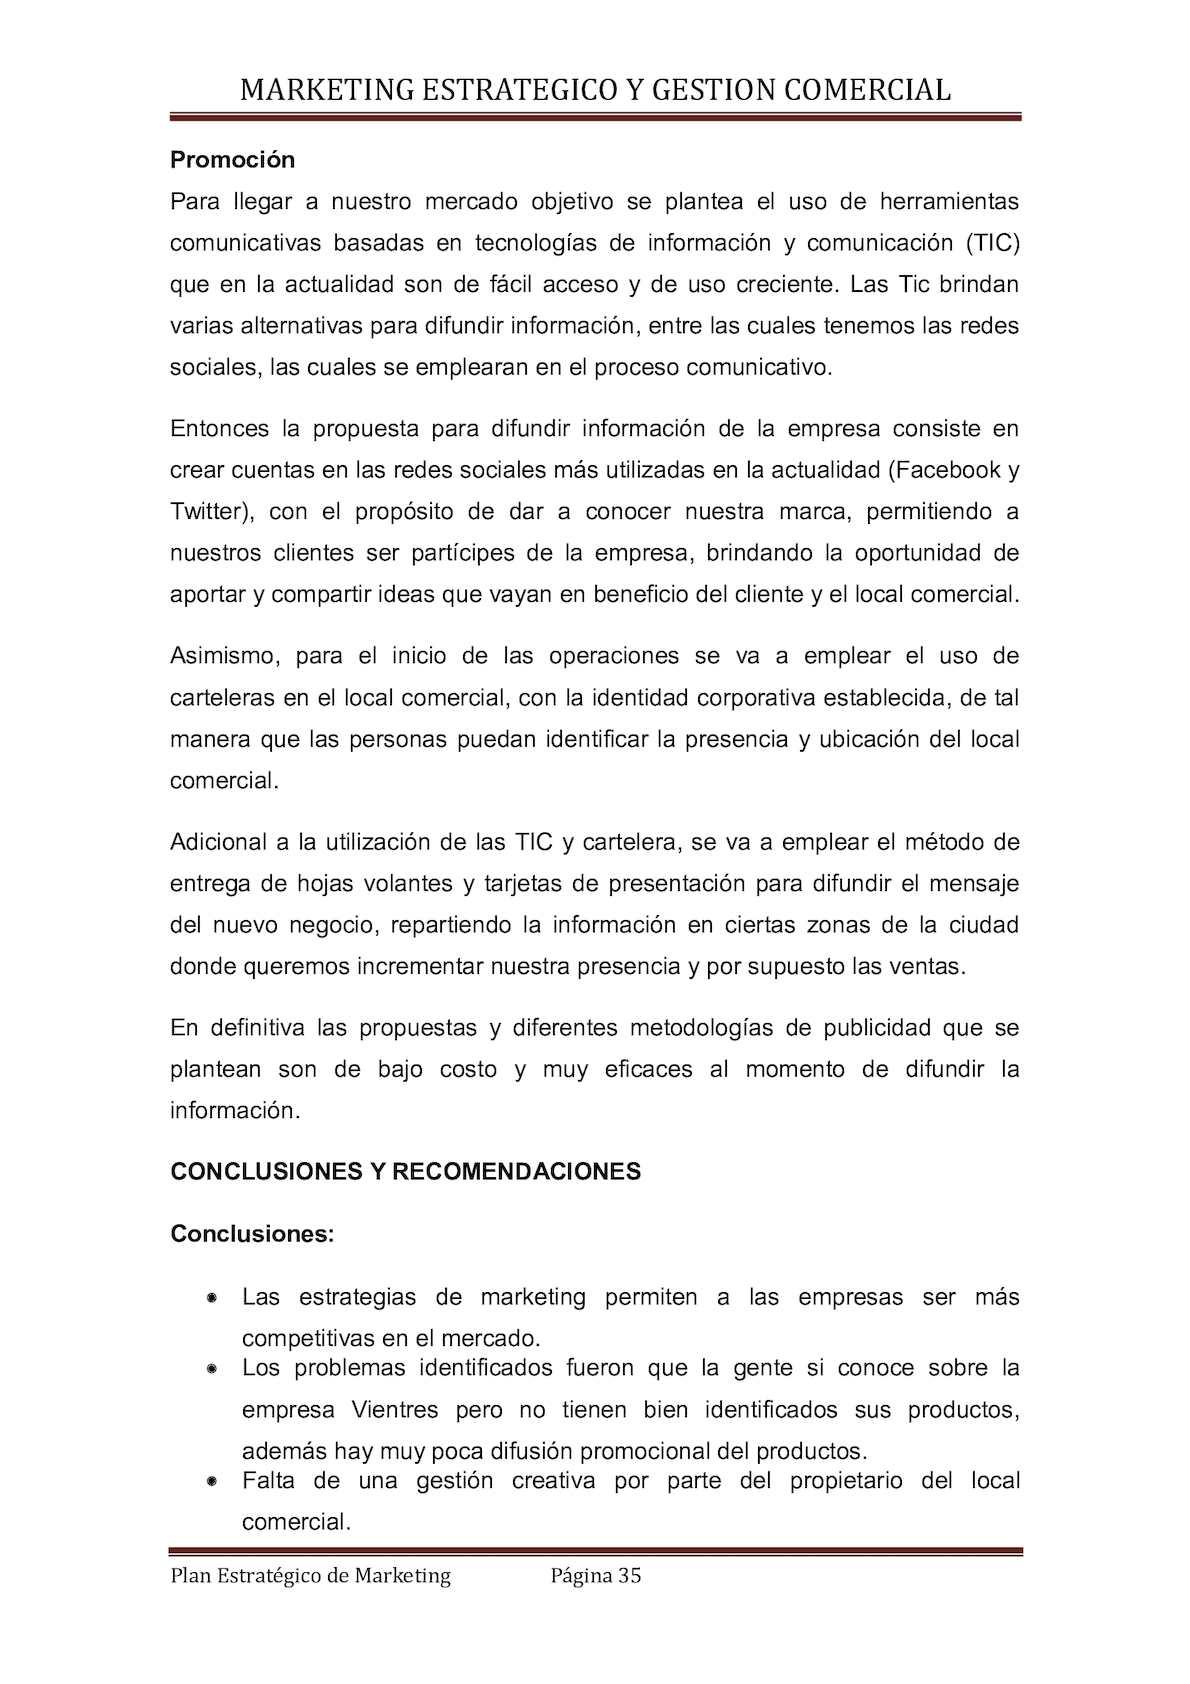 Plan Estrategico De Marketing De Vientres - CALAMEO Downloader